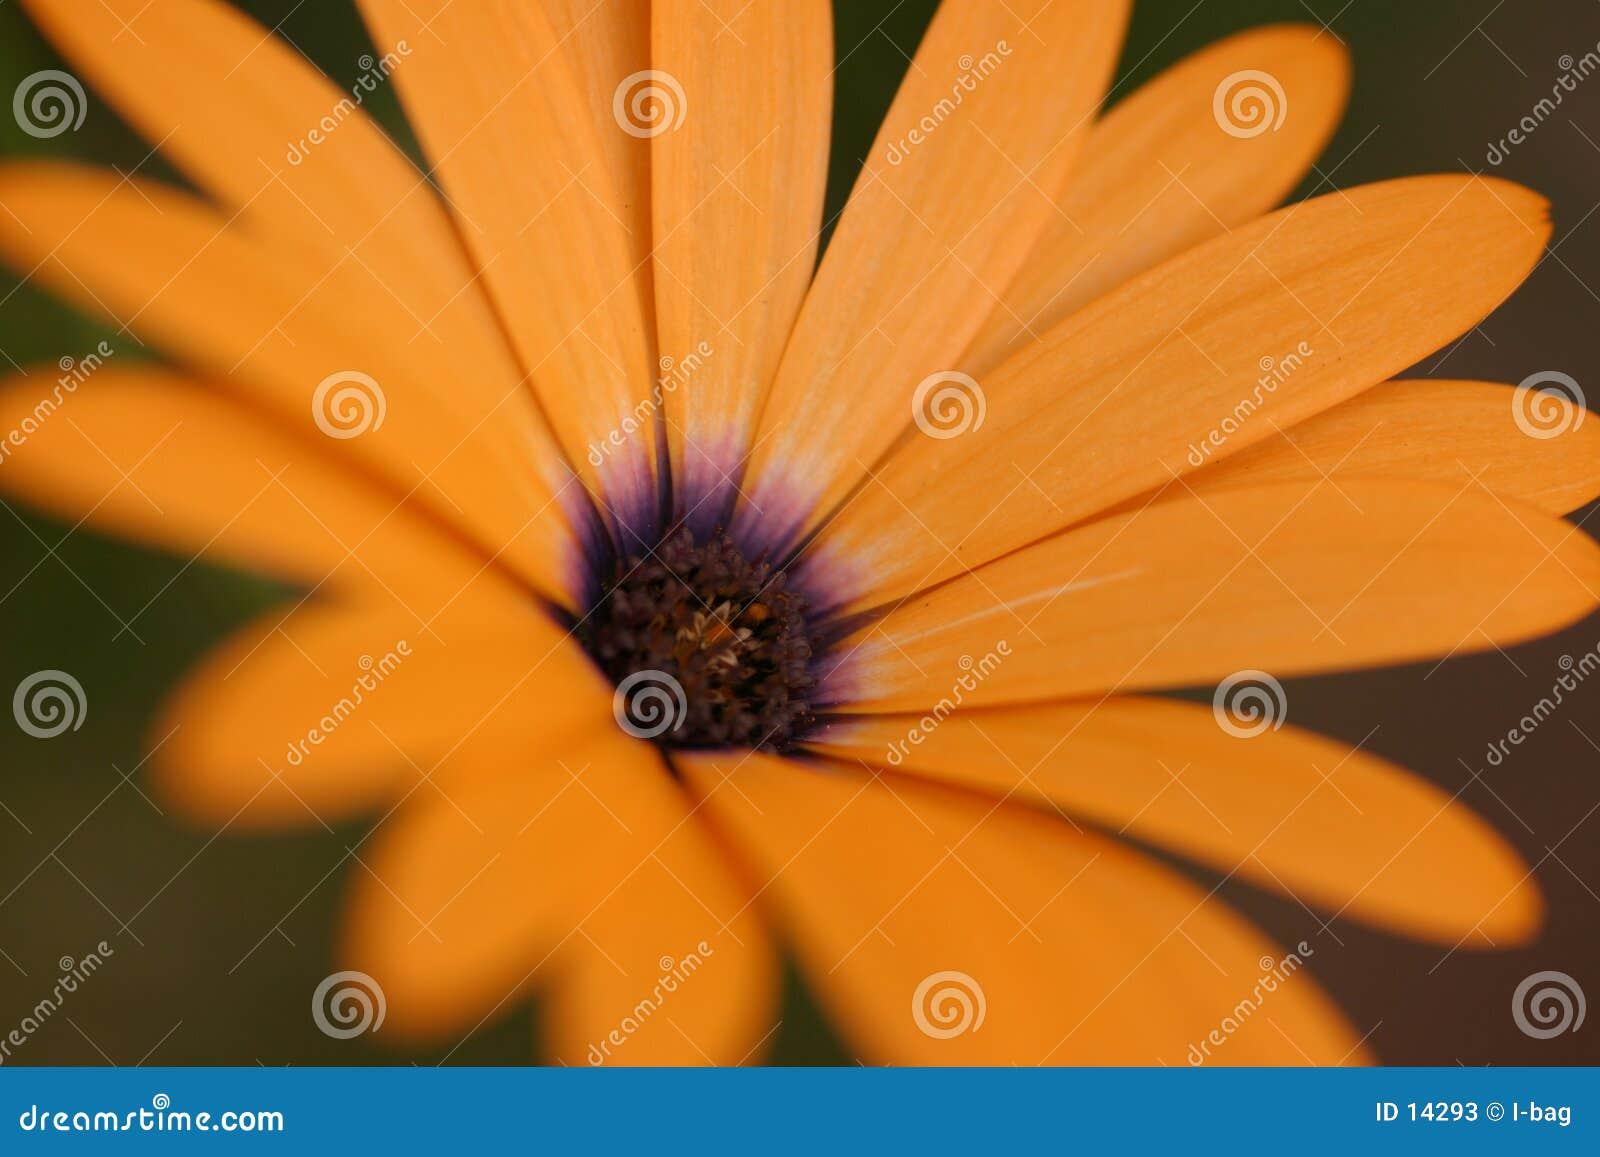 Orange flower blossom